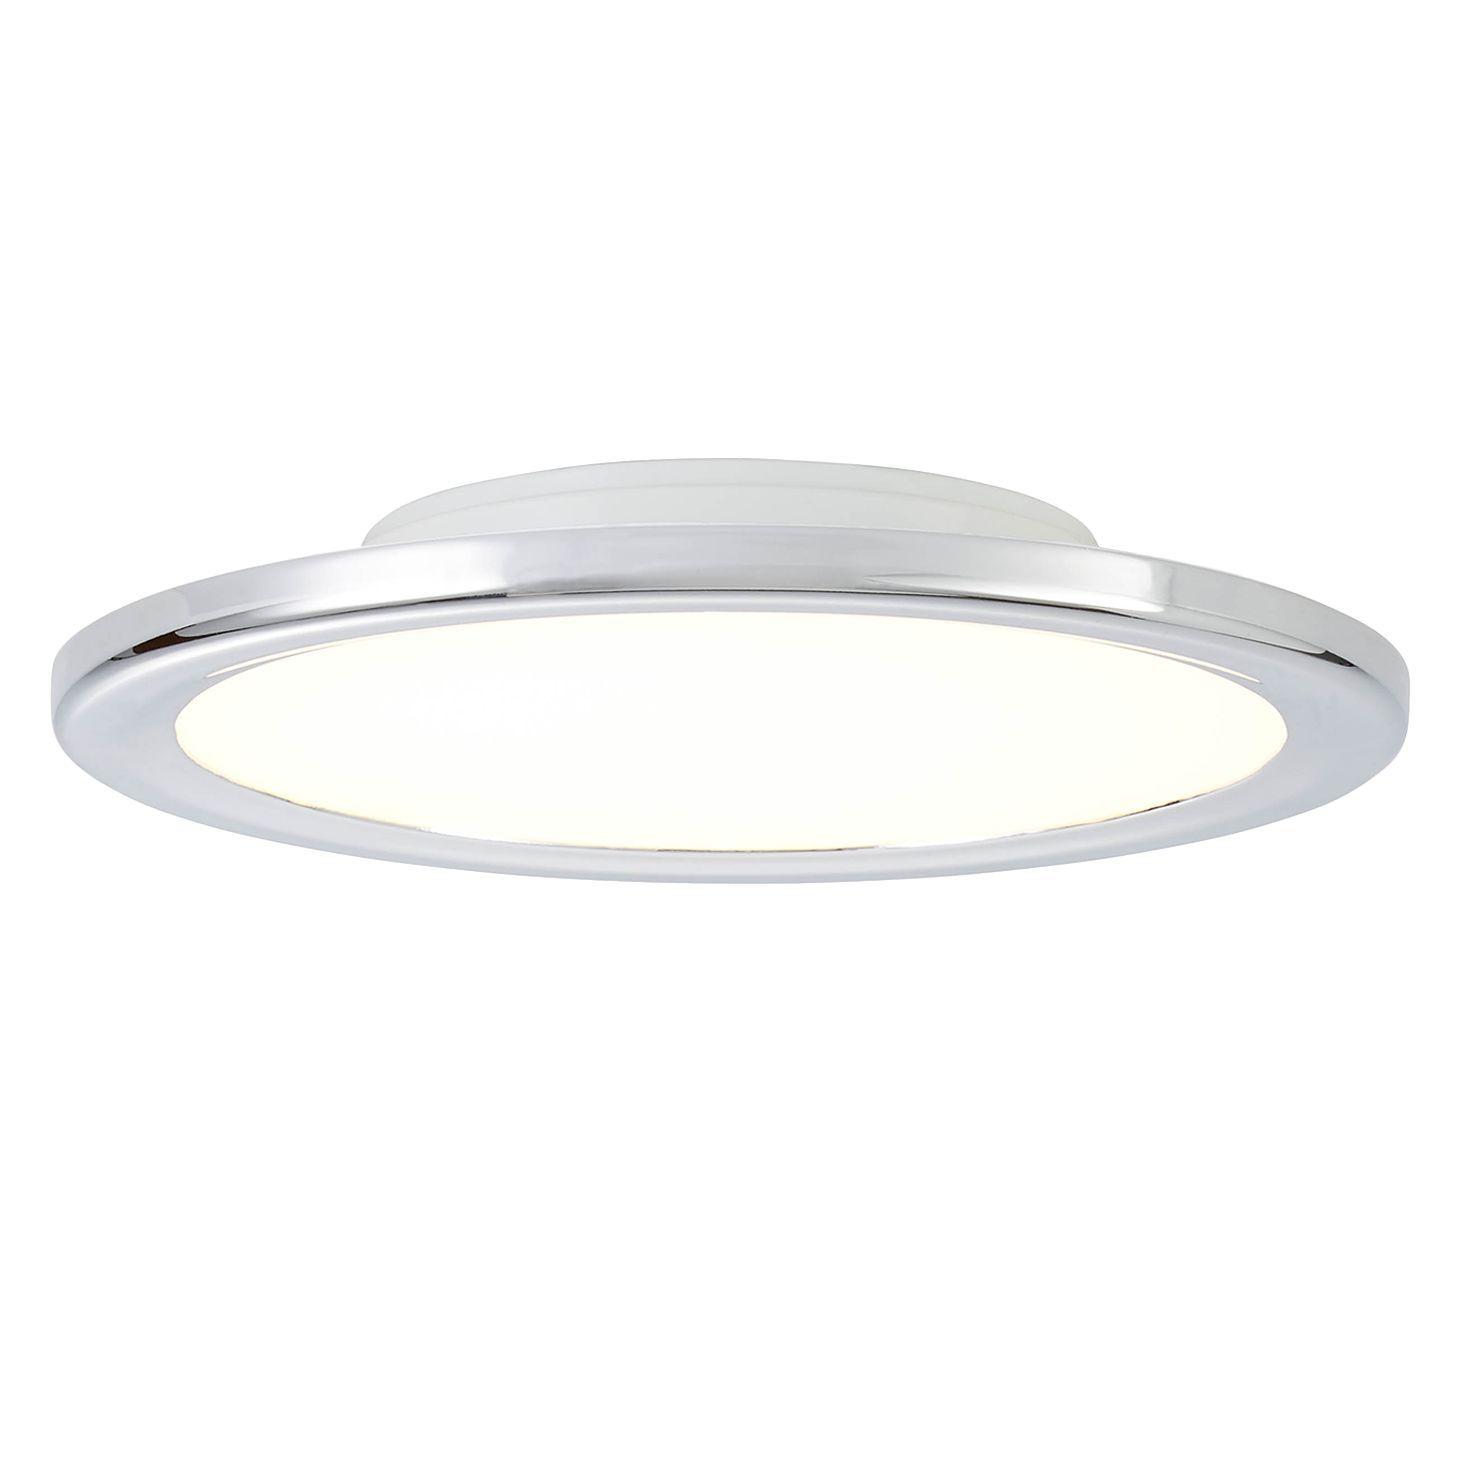 Spot Lampe Holz Einbauleuchte Gu10 Ip44 Led Tischleuchte Dimmbar Eckiges Led Einbaustrahler 3er Set In 2020 Badezimmerlampen Led Deckenleuchte Badezimmerleuchten